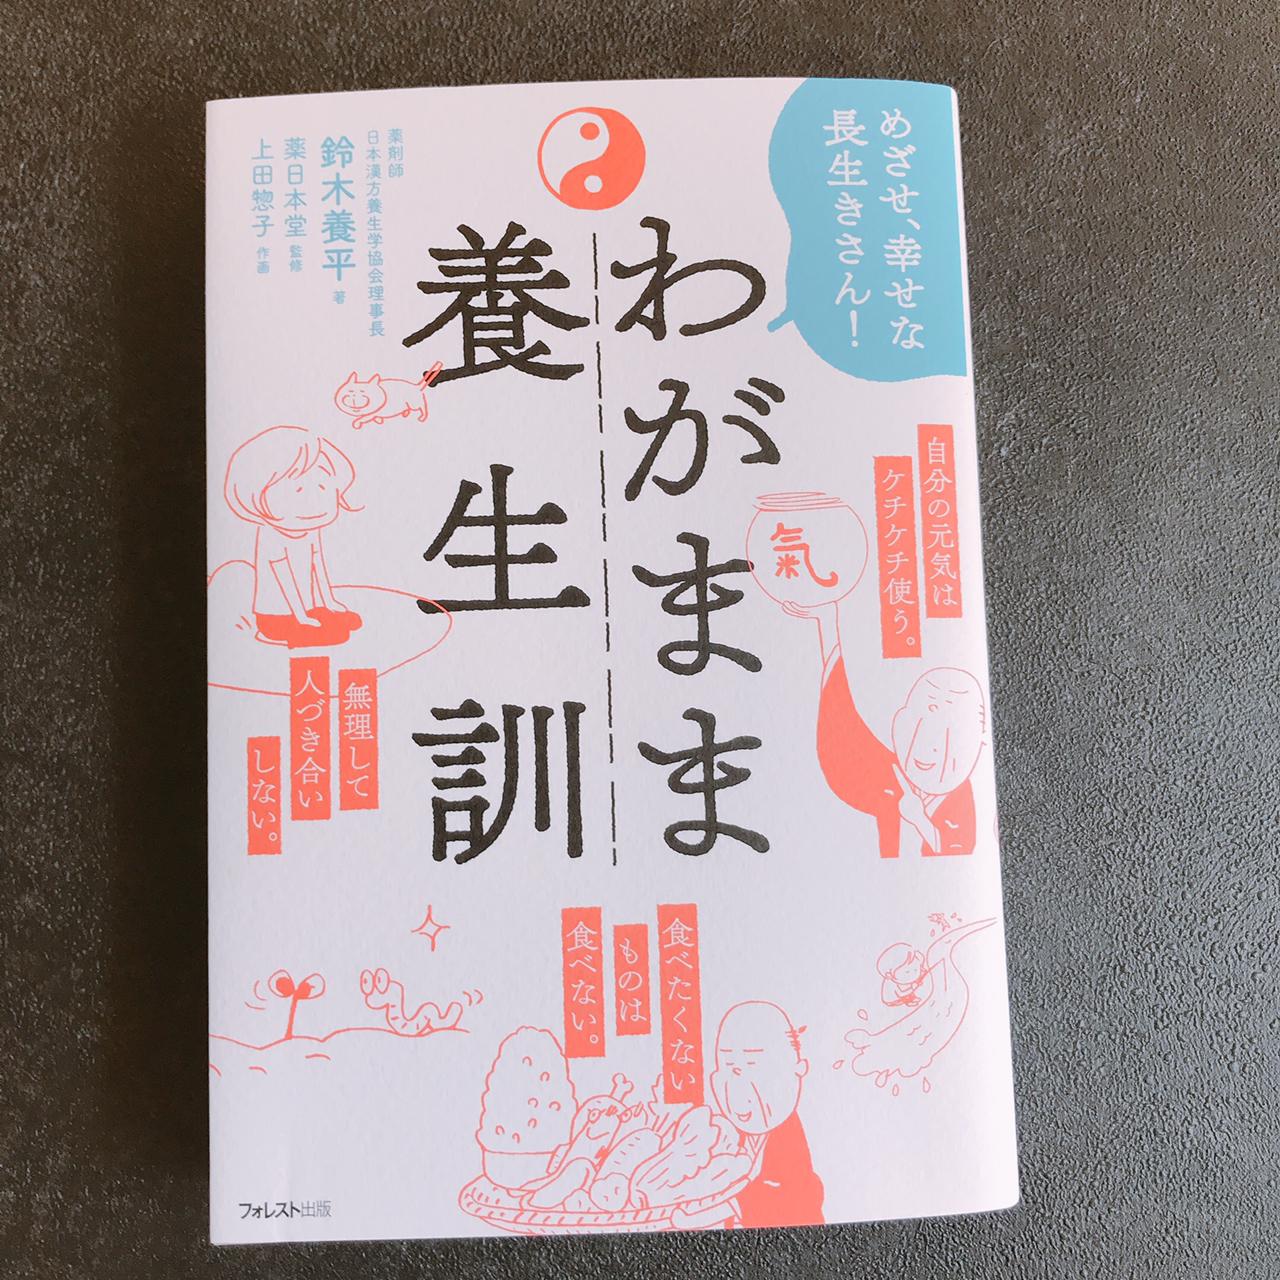 おすすめの本「わがまま養生訓」